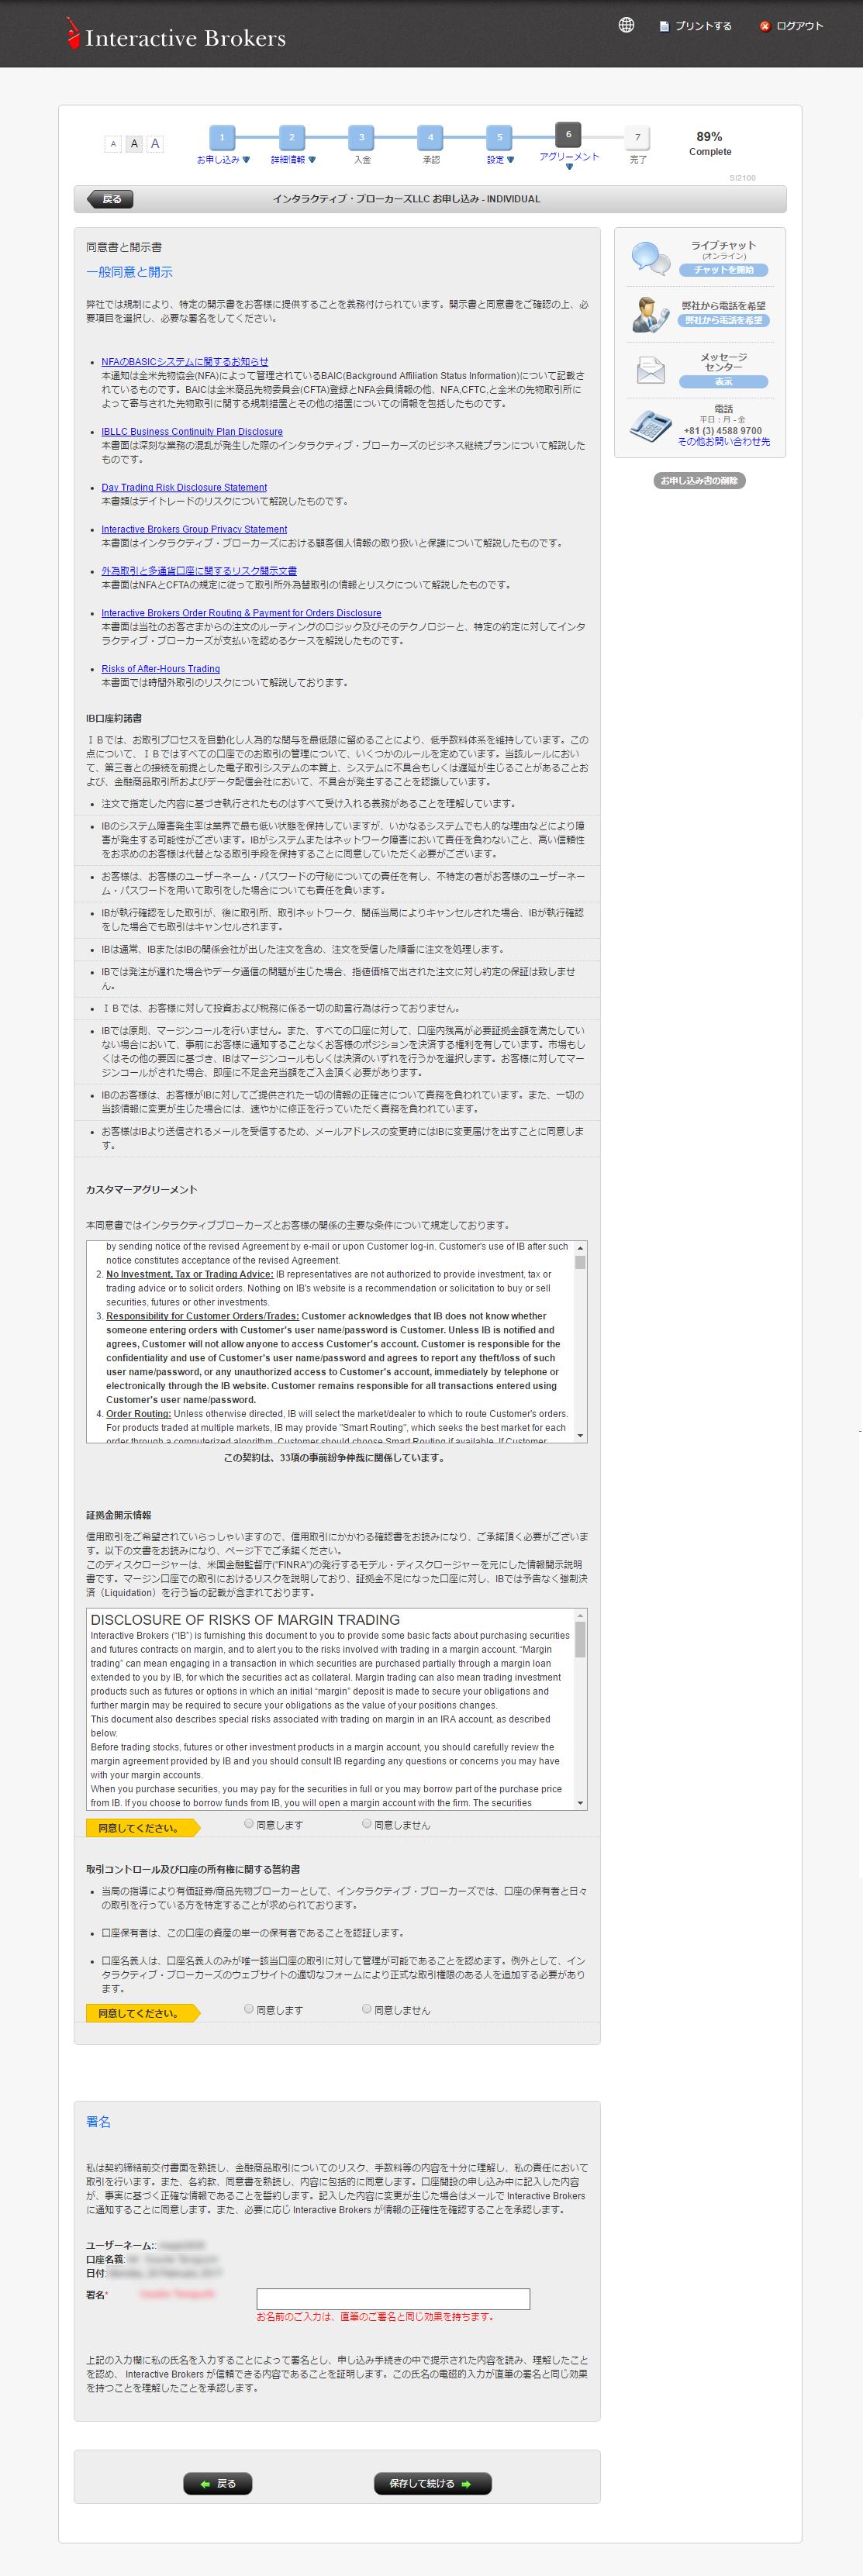 インタラクティブ・ブローカーズ証券(IB証券 入力内容の確認